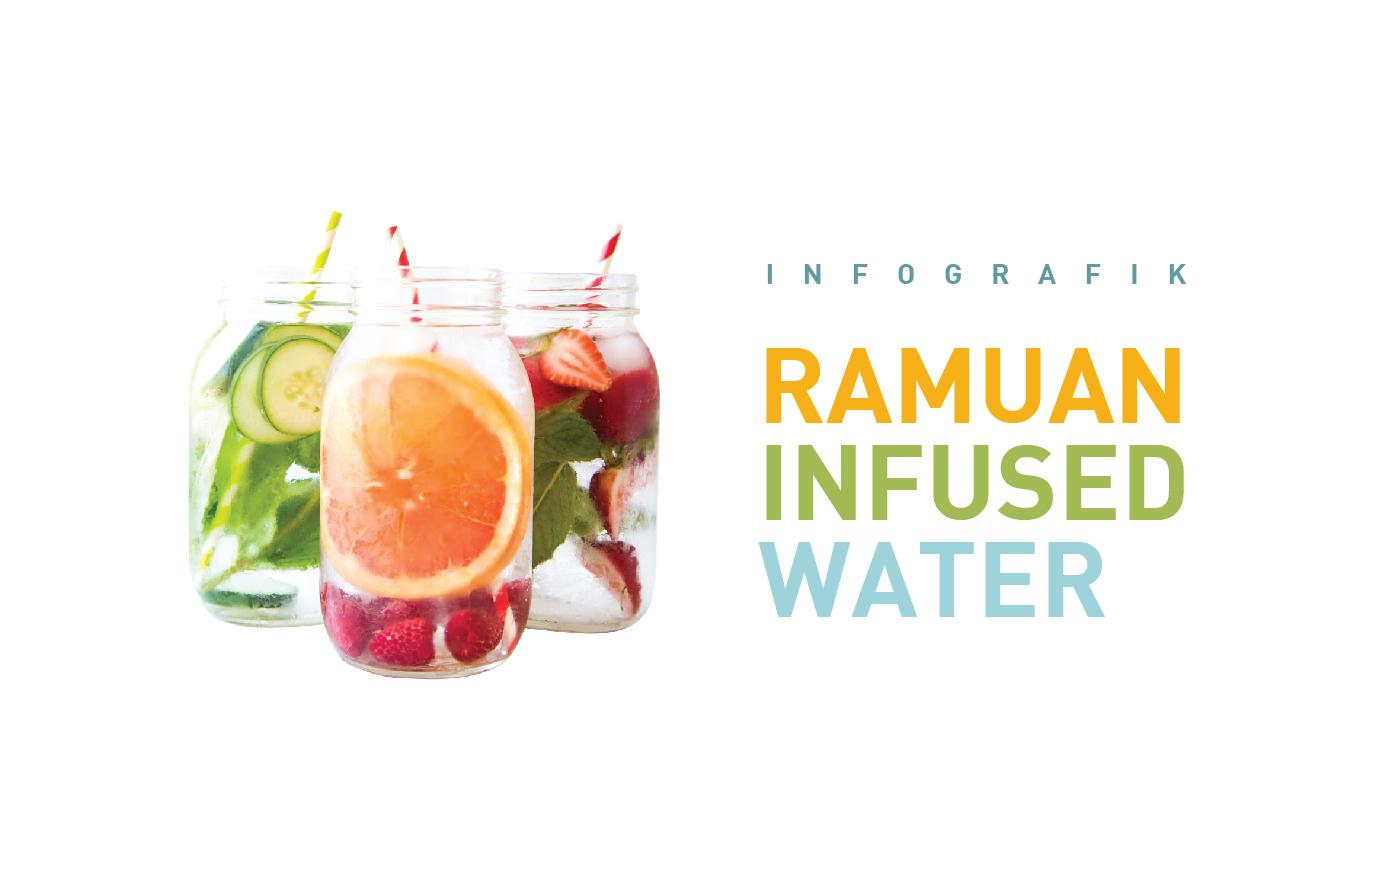 Inilah 3 Manfaat Infused Water Bagi Kesehatan dan Kecantikan